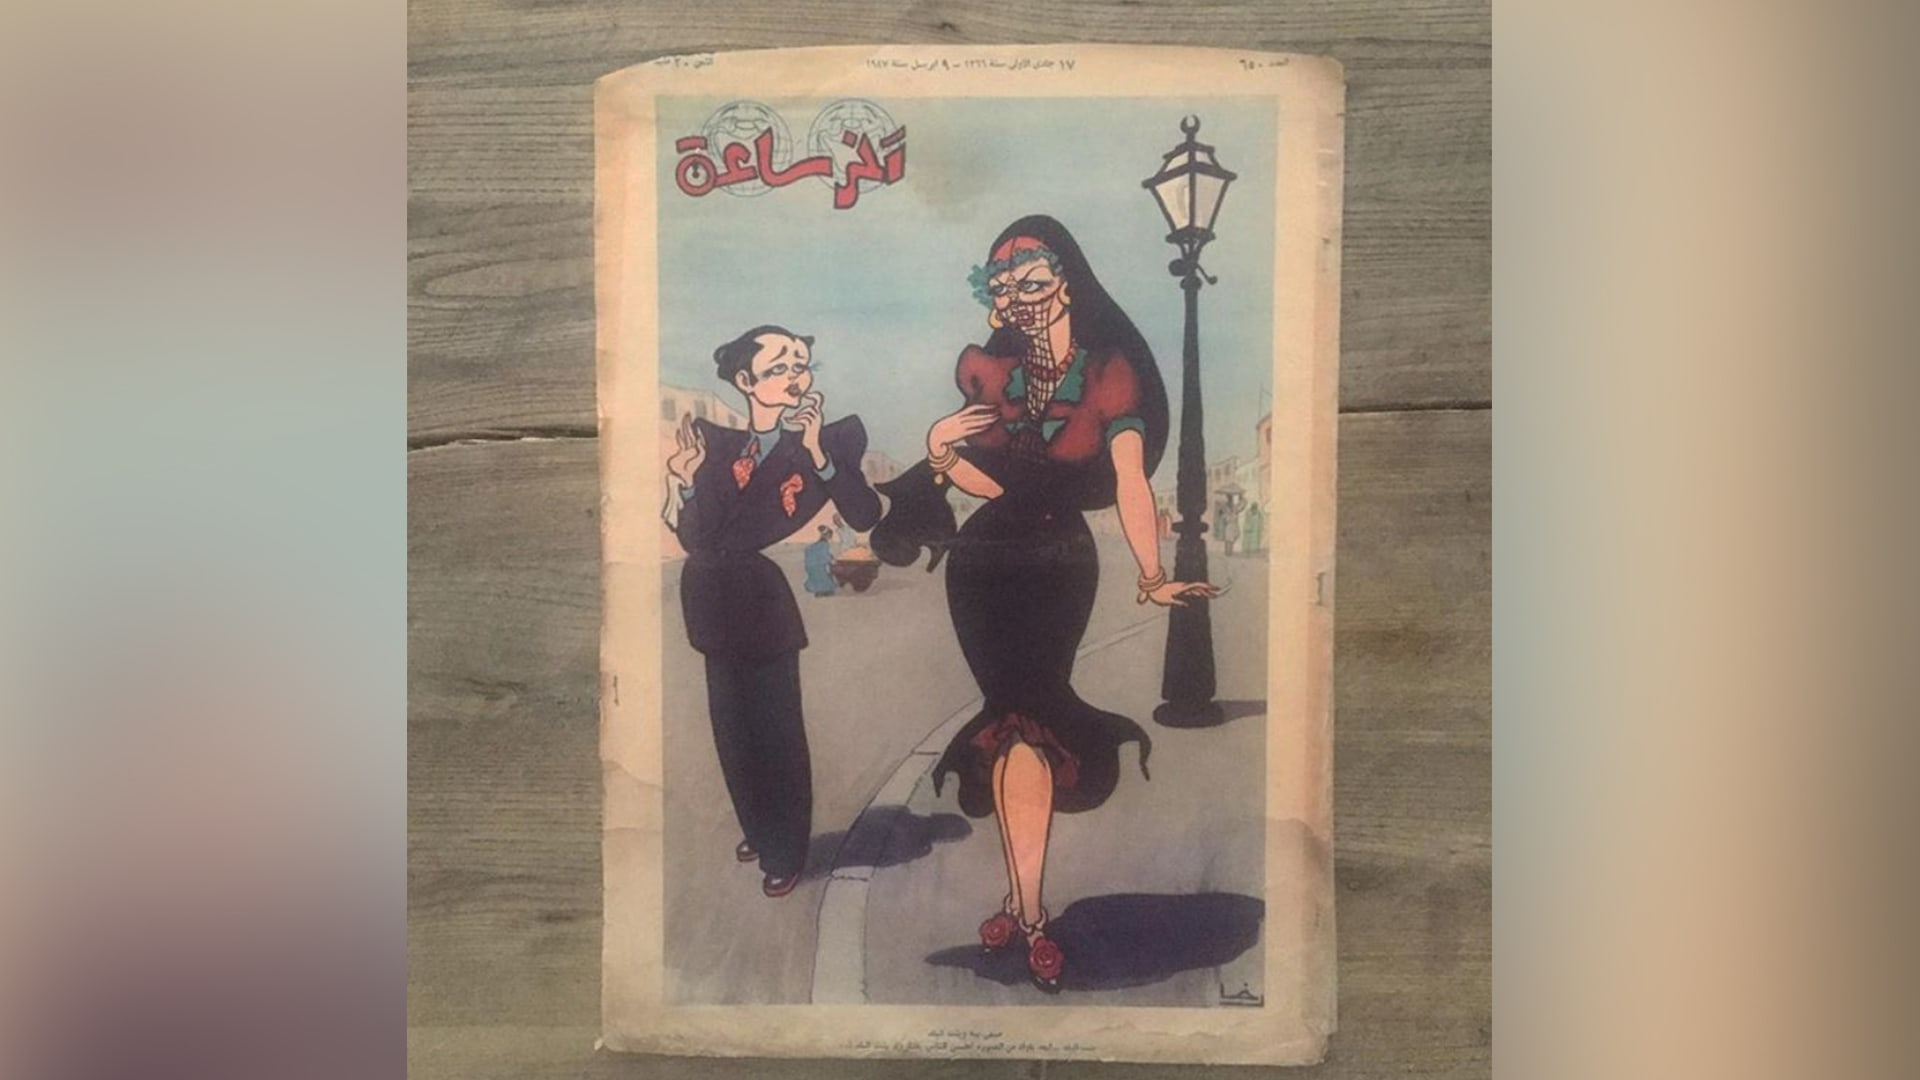 مجلة آخر الساعة، العام 1953.